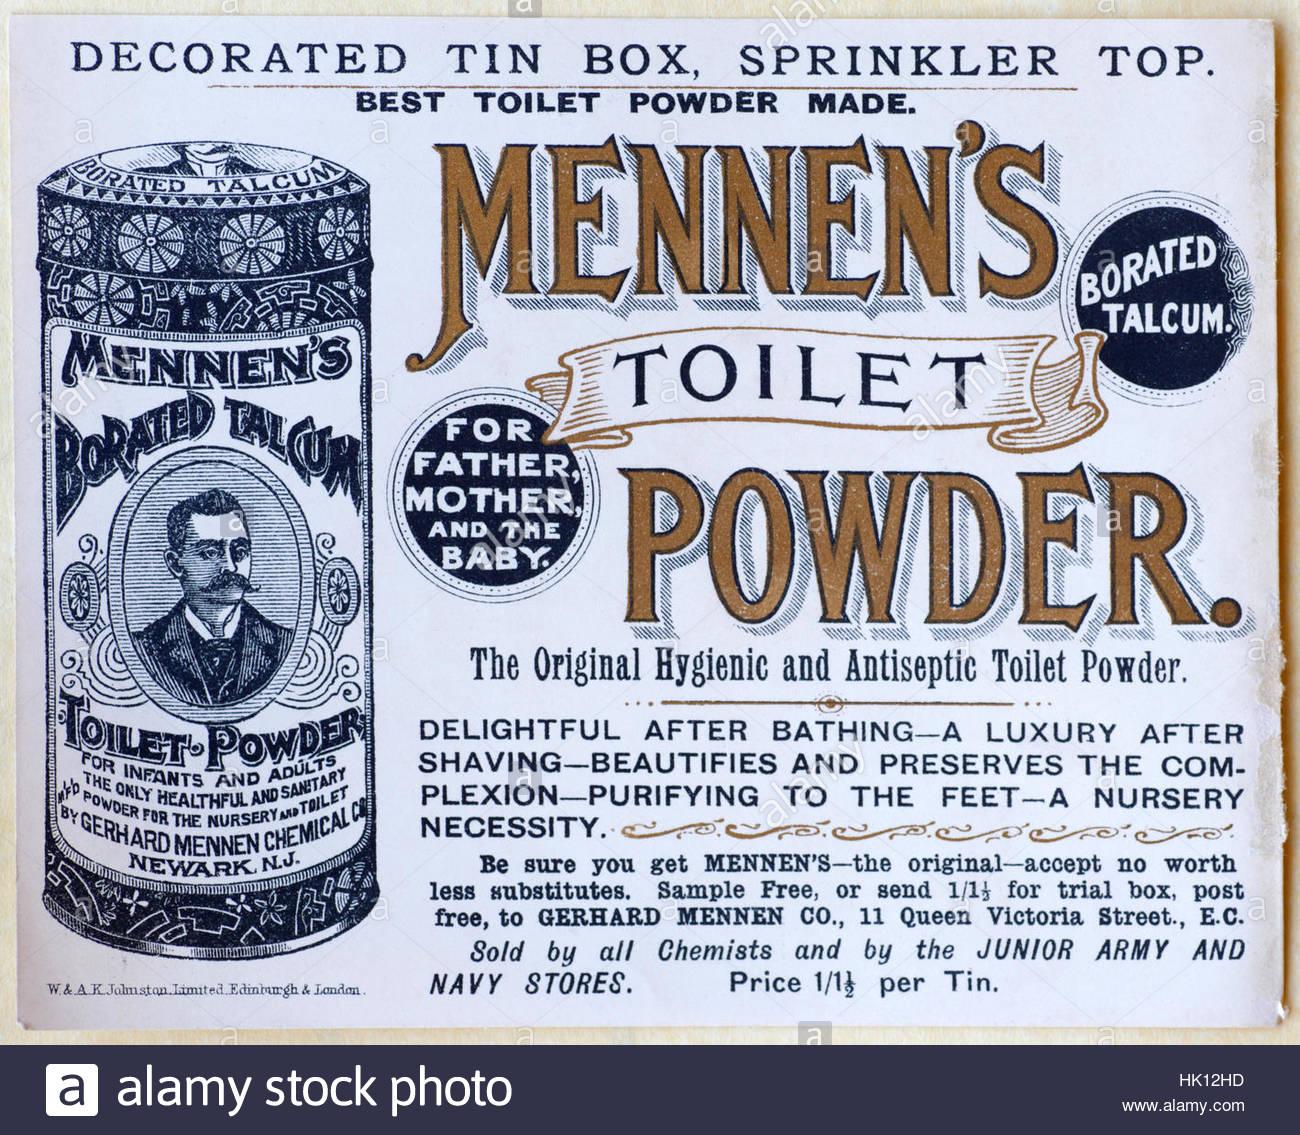 Toilet Powder Stock Photos & Toilet Powder Stock Images - Alamy